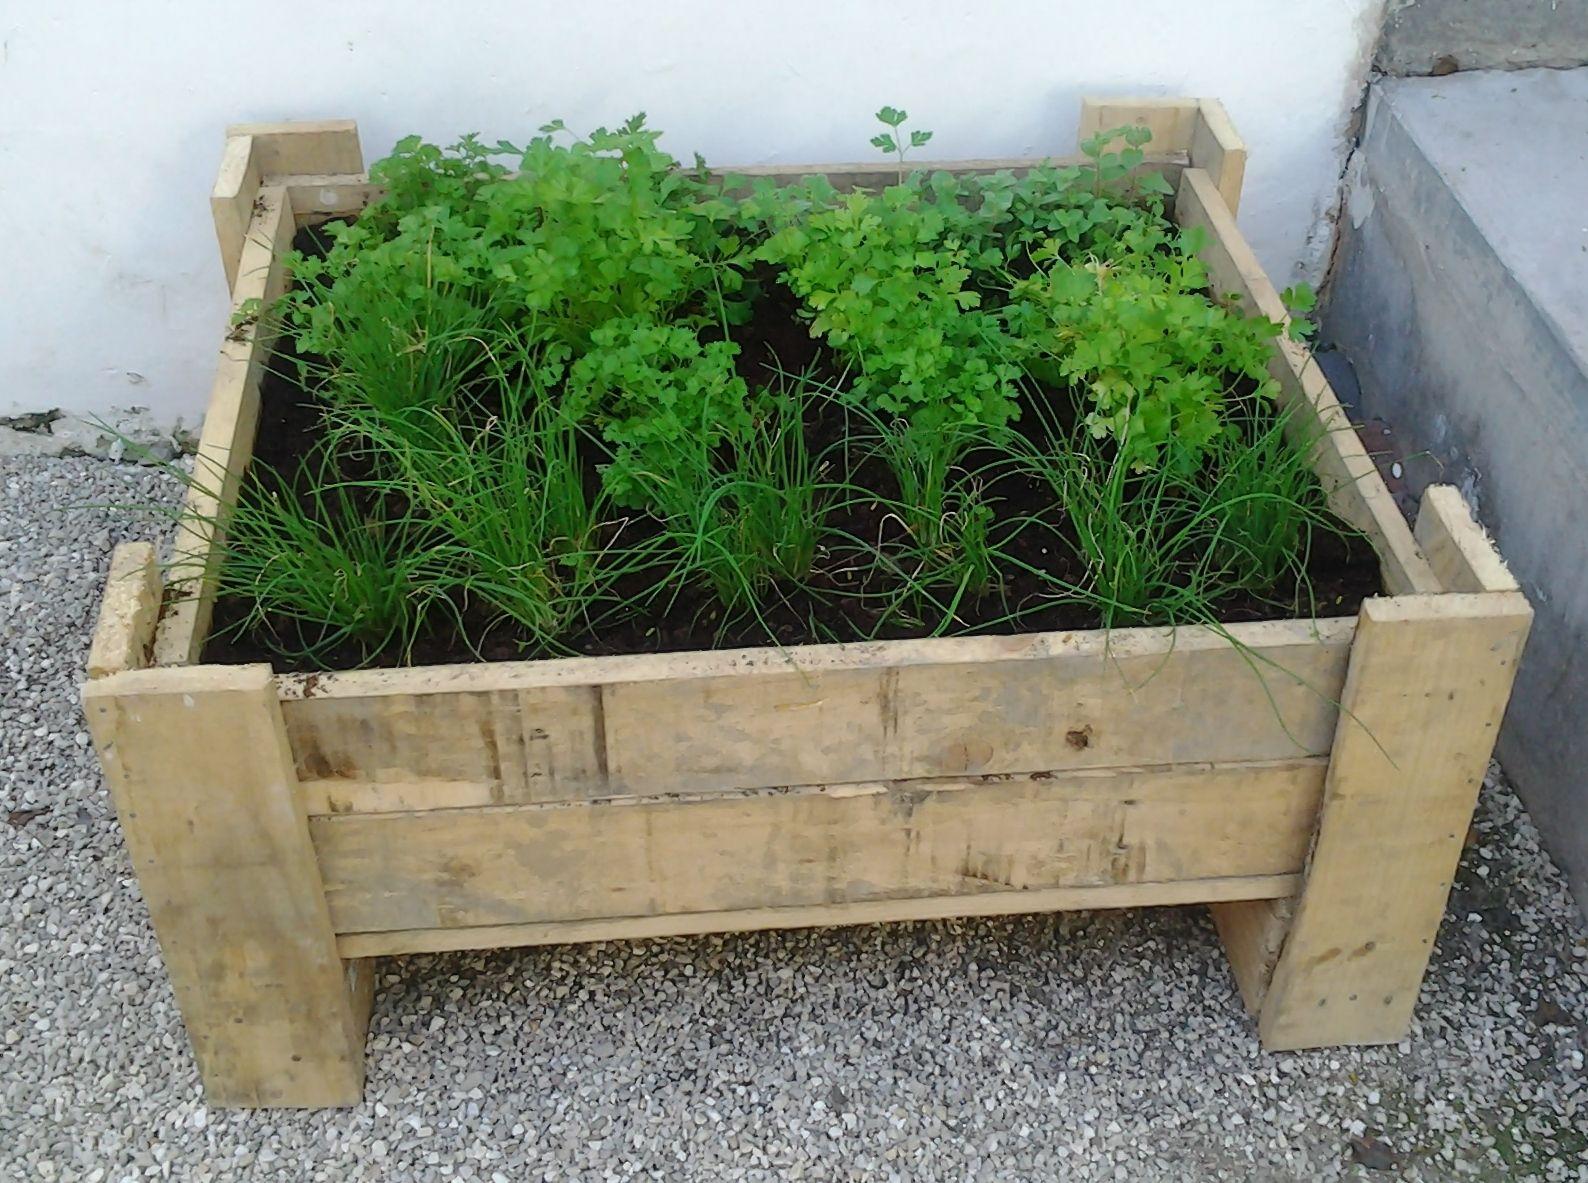 Bac A Plantes Aromatiques en ce qui concerne pallet herbs planter   herbes aromatiques, bac et herbe